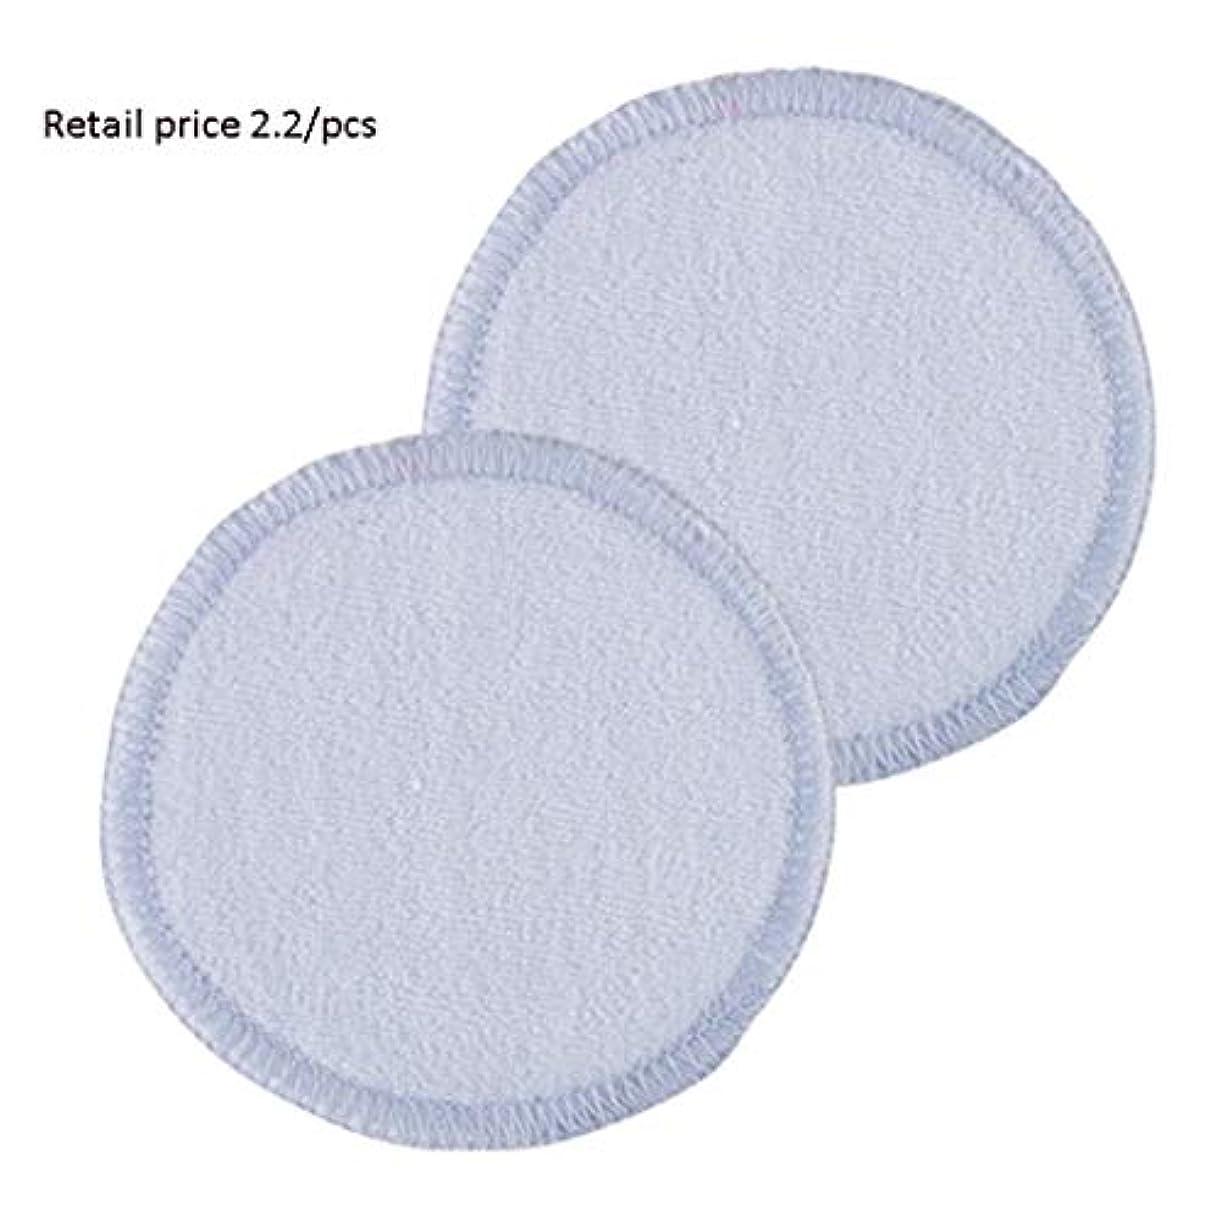 従者再現する研磨剤クレンジングシート 再利用可能な洗える8センチラウンドクレンジングコットンパッド、収納バッグ付き4色、ランドリー製品用スキンケア製品 (Color : Blue, サイズ : 8cm)